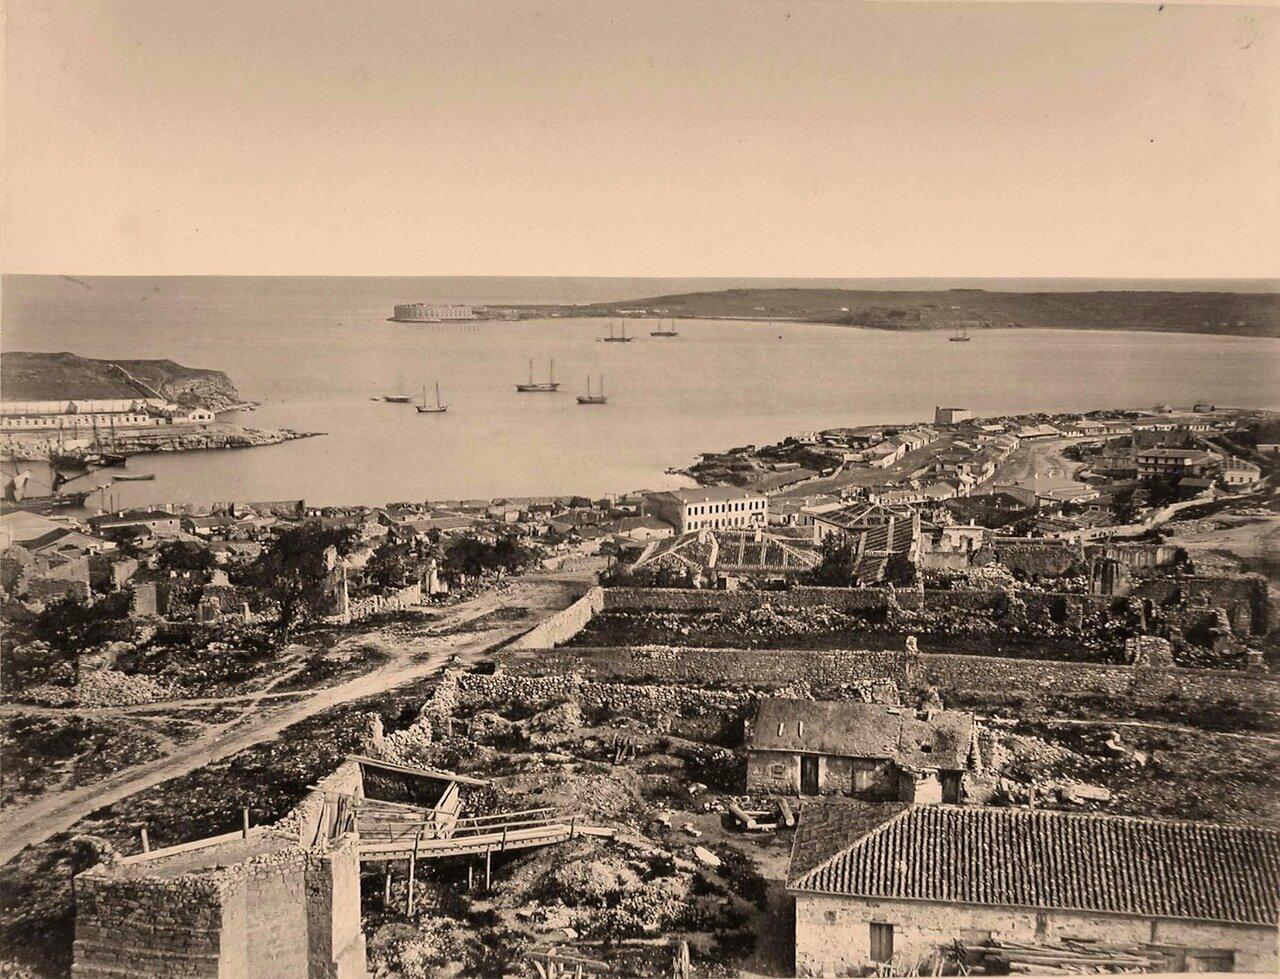 23. Панорама прибрежной части города у Карантинной бухты (часть акватории Севастопольской бухты к западу от южного входного мола)